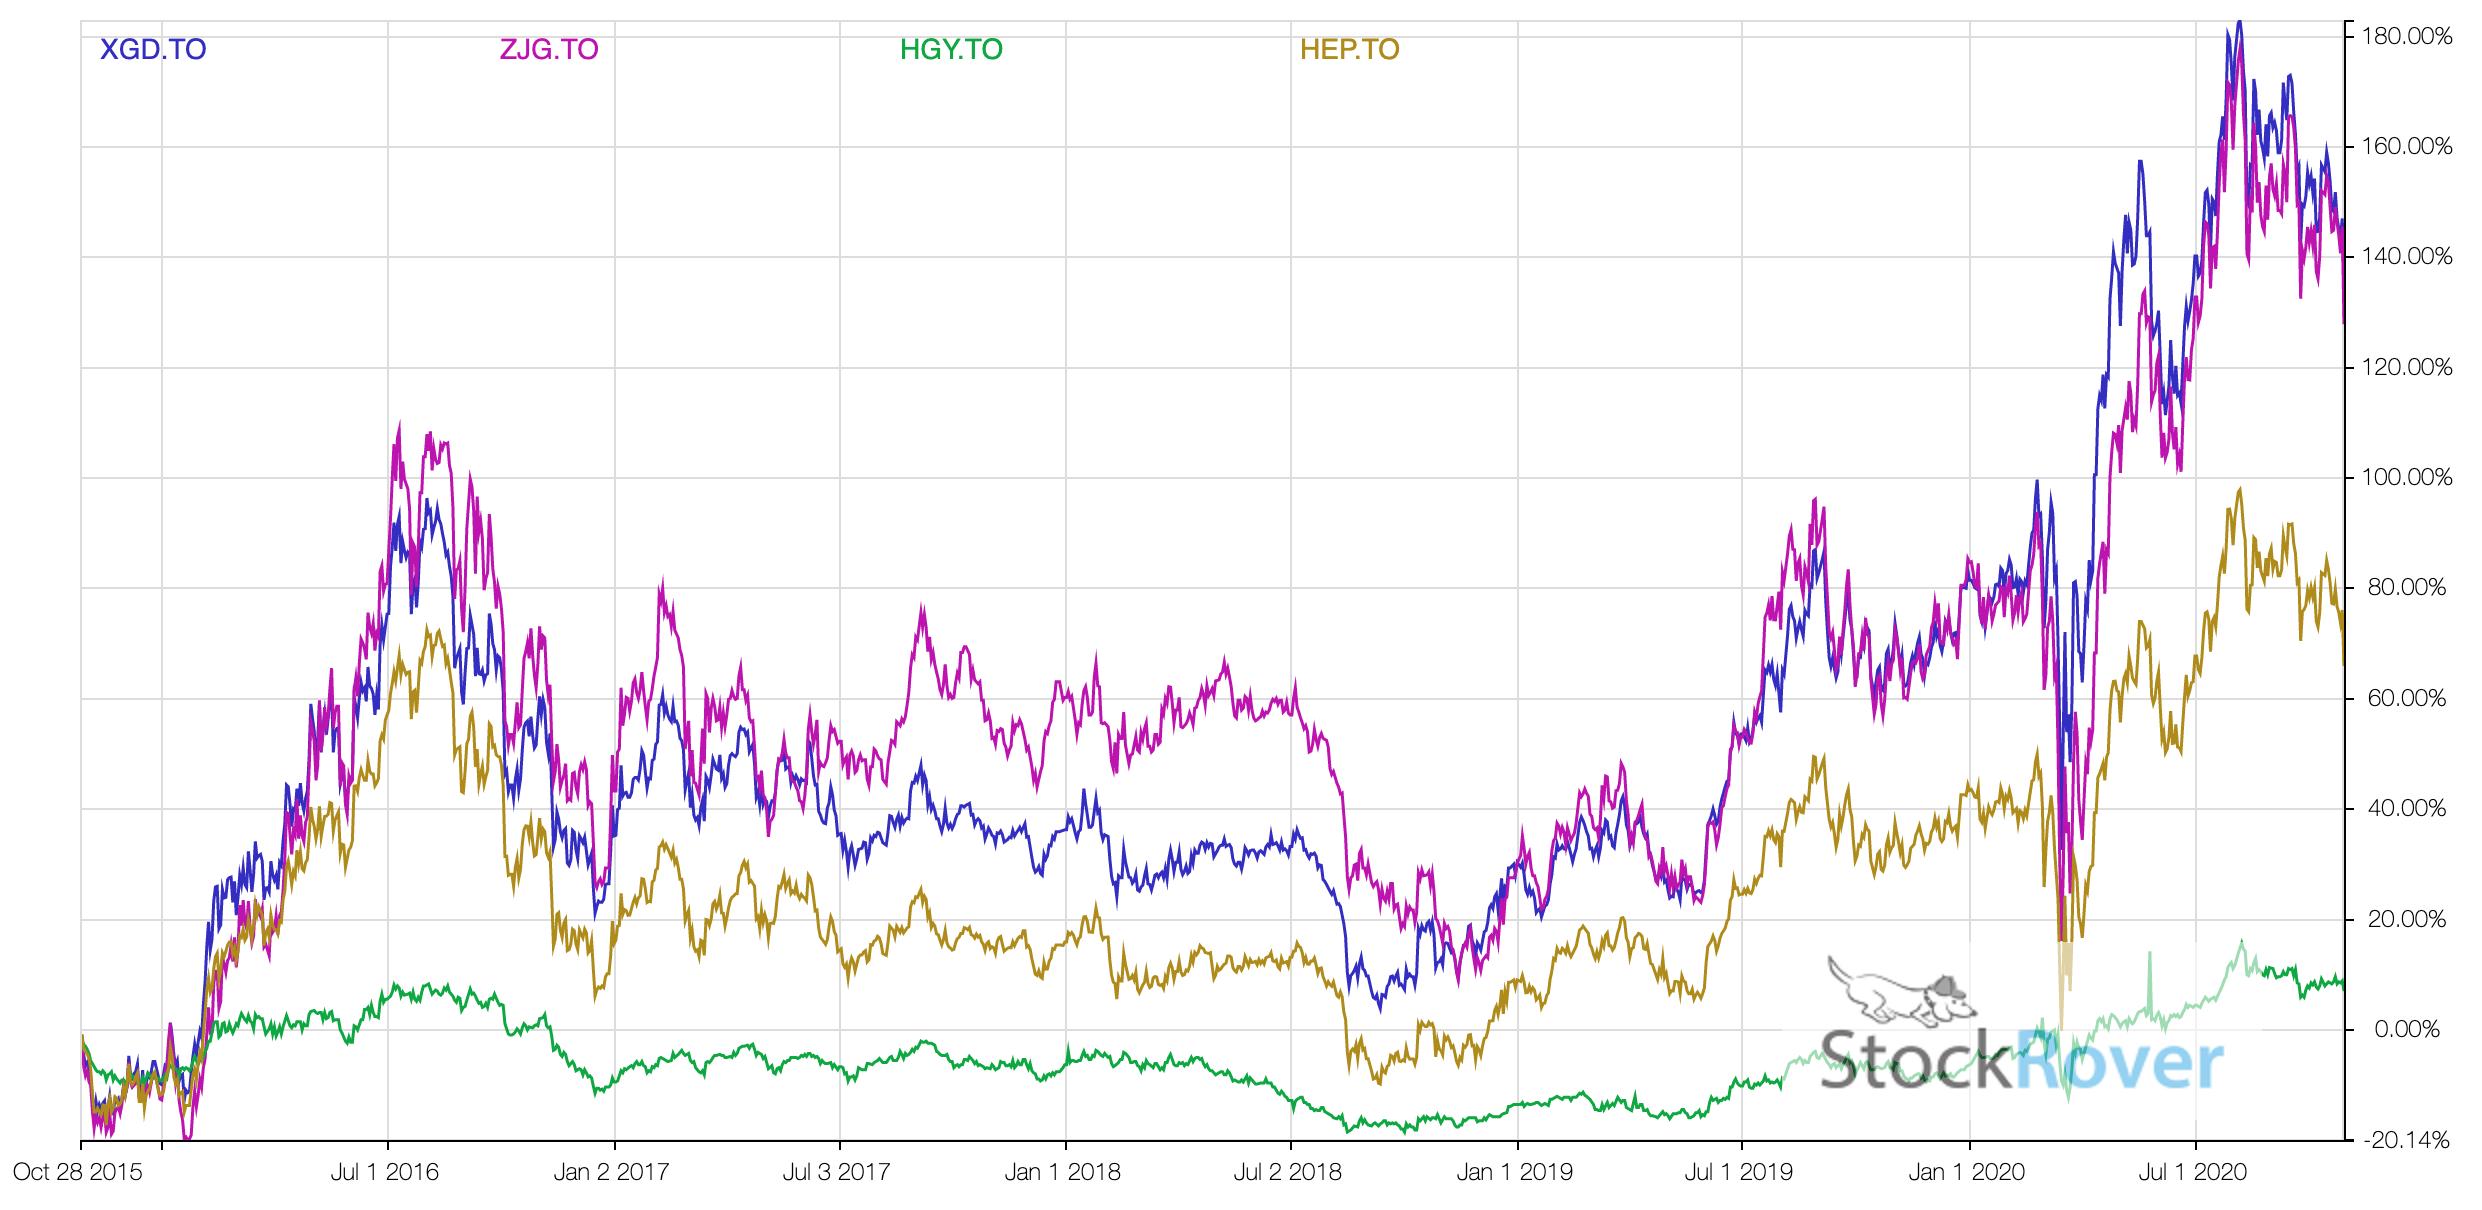 Gold ETFs comparison